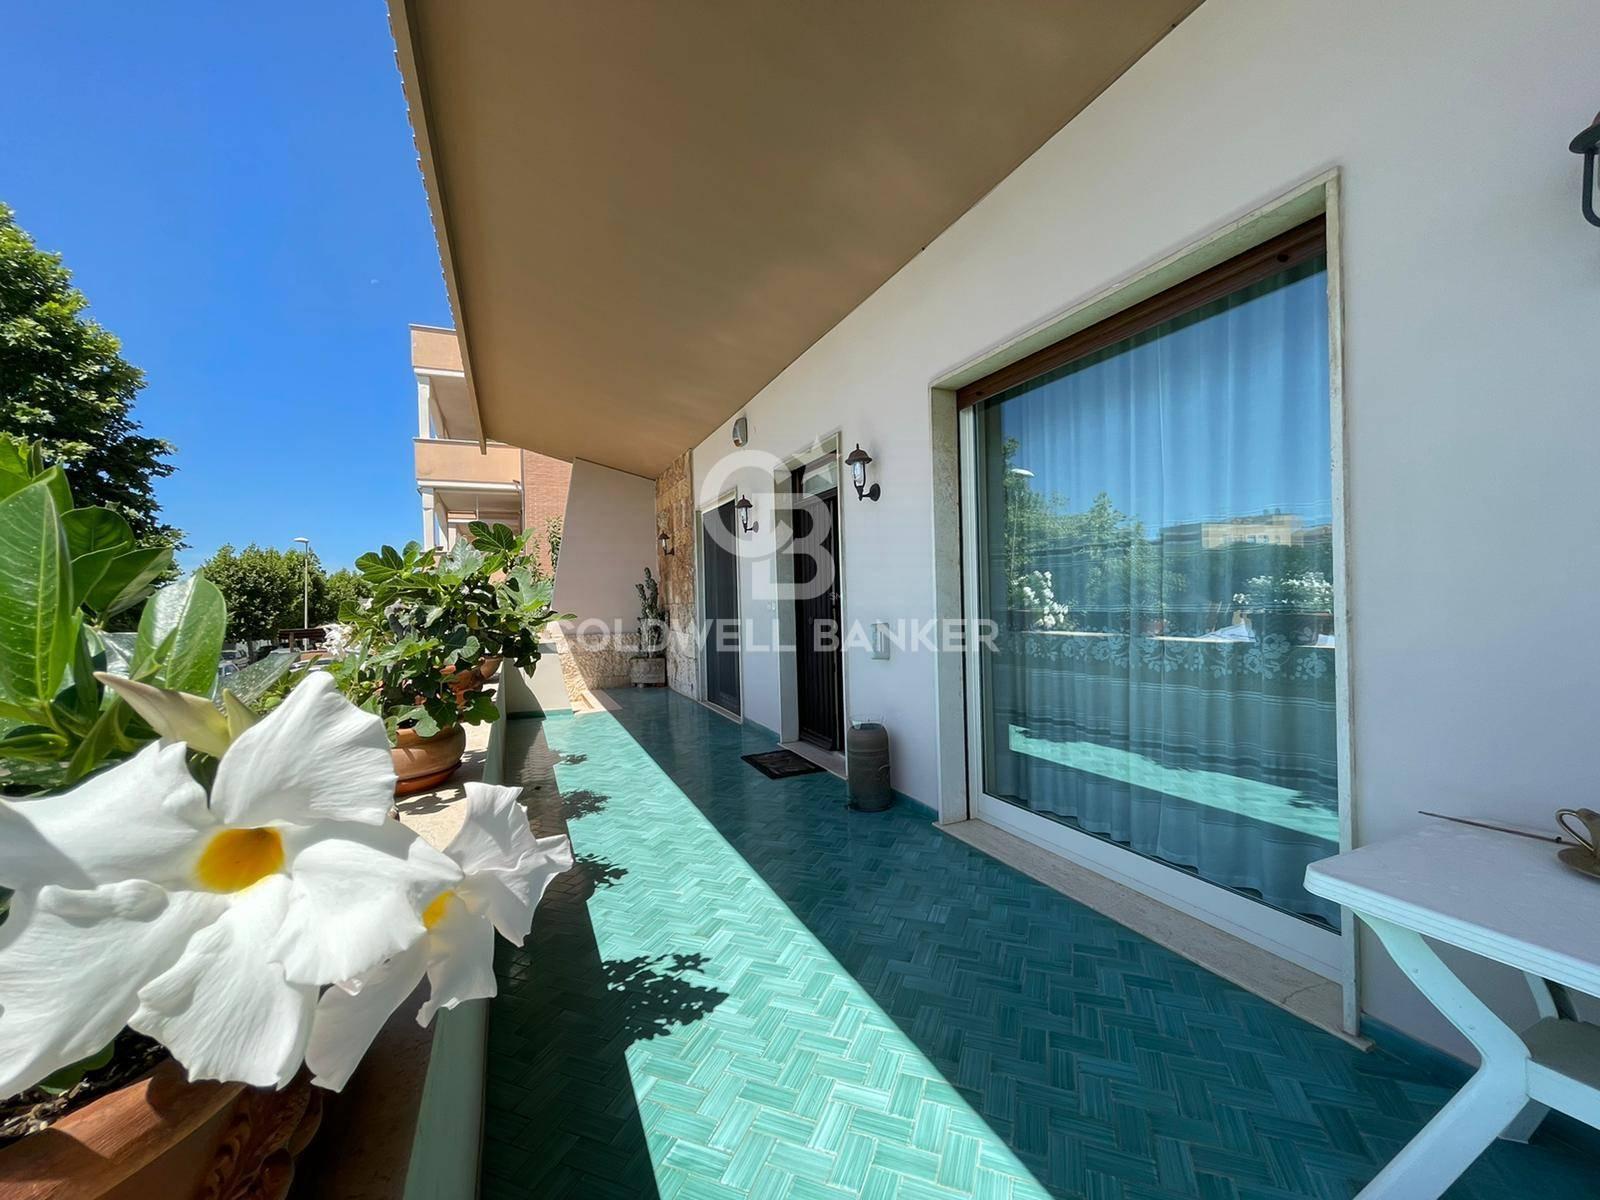 Villa in vendita a Santa Marinella, 7 locali, zona Località: Centro, prezzo € 635.000 | CambioCasa.it